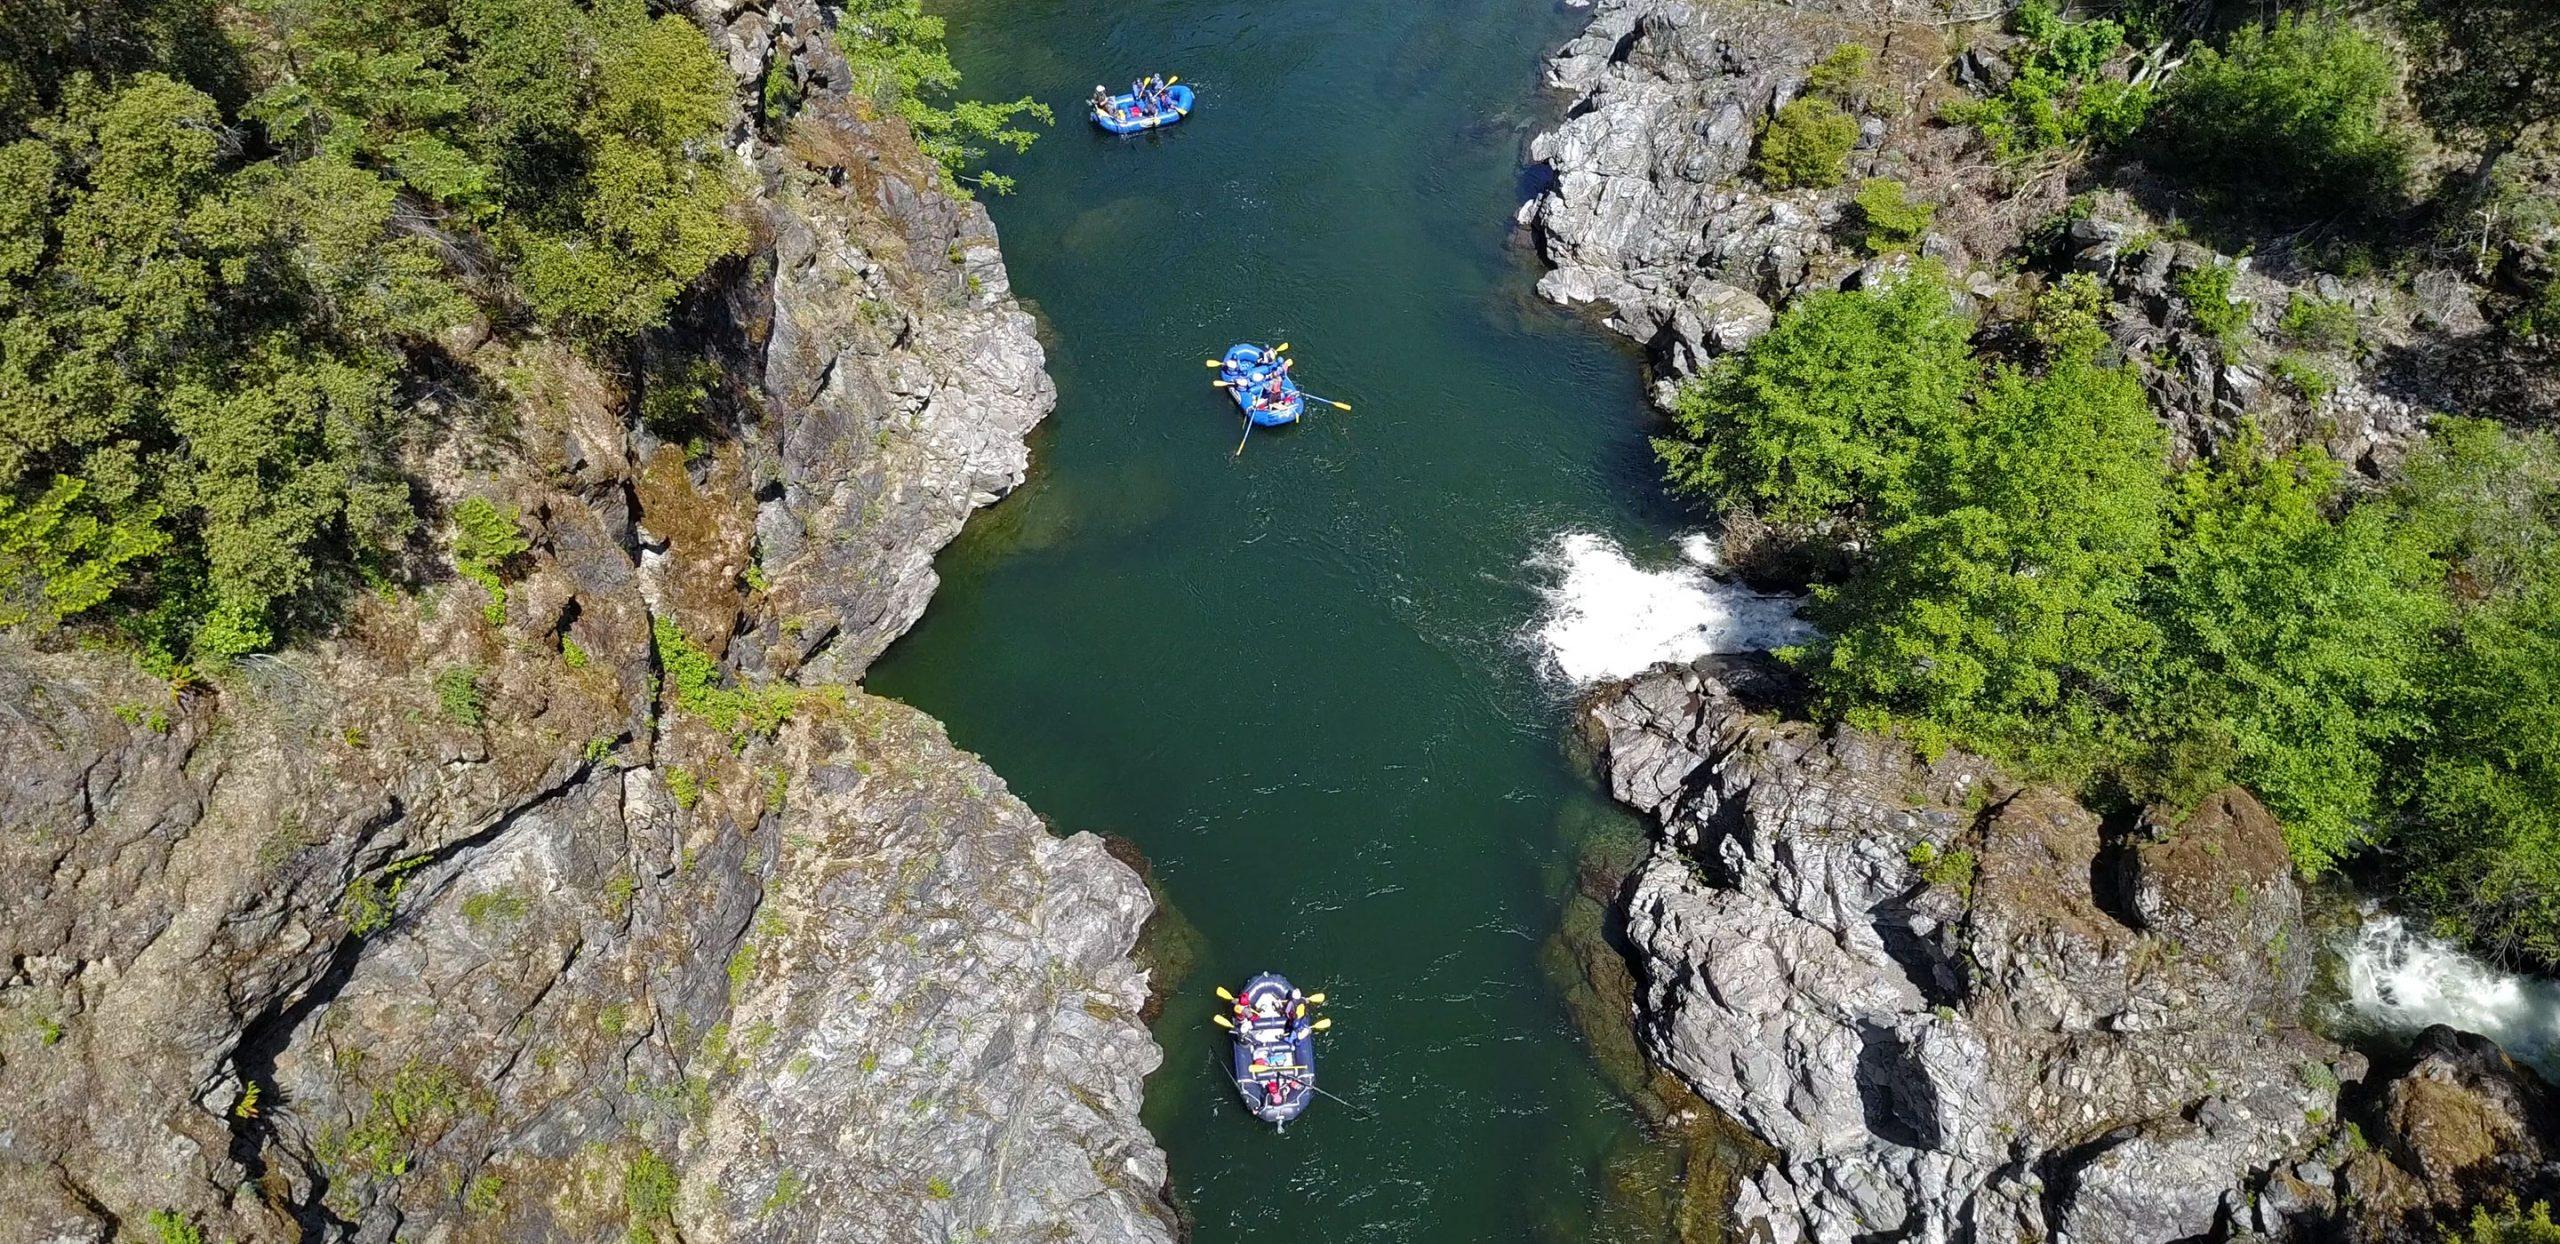 California Salmon Rafting Safari - Emerald Waters